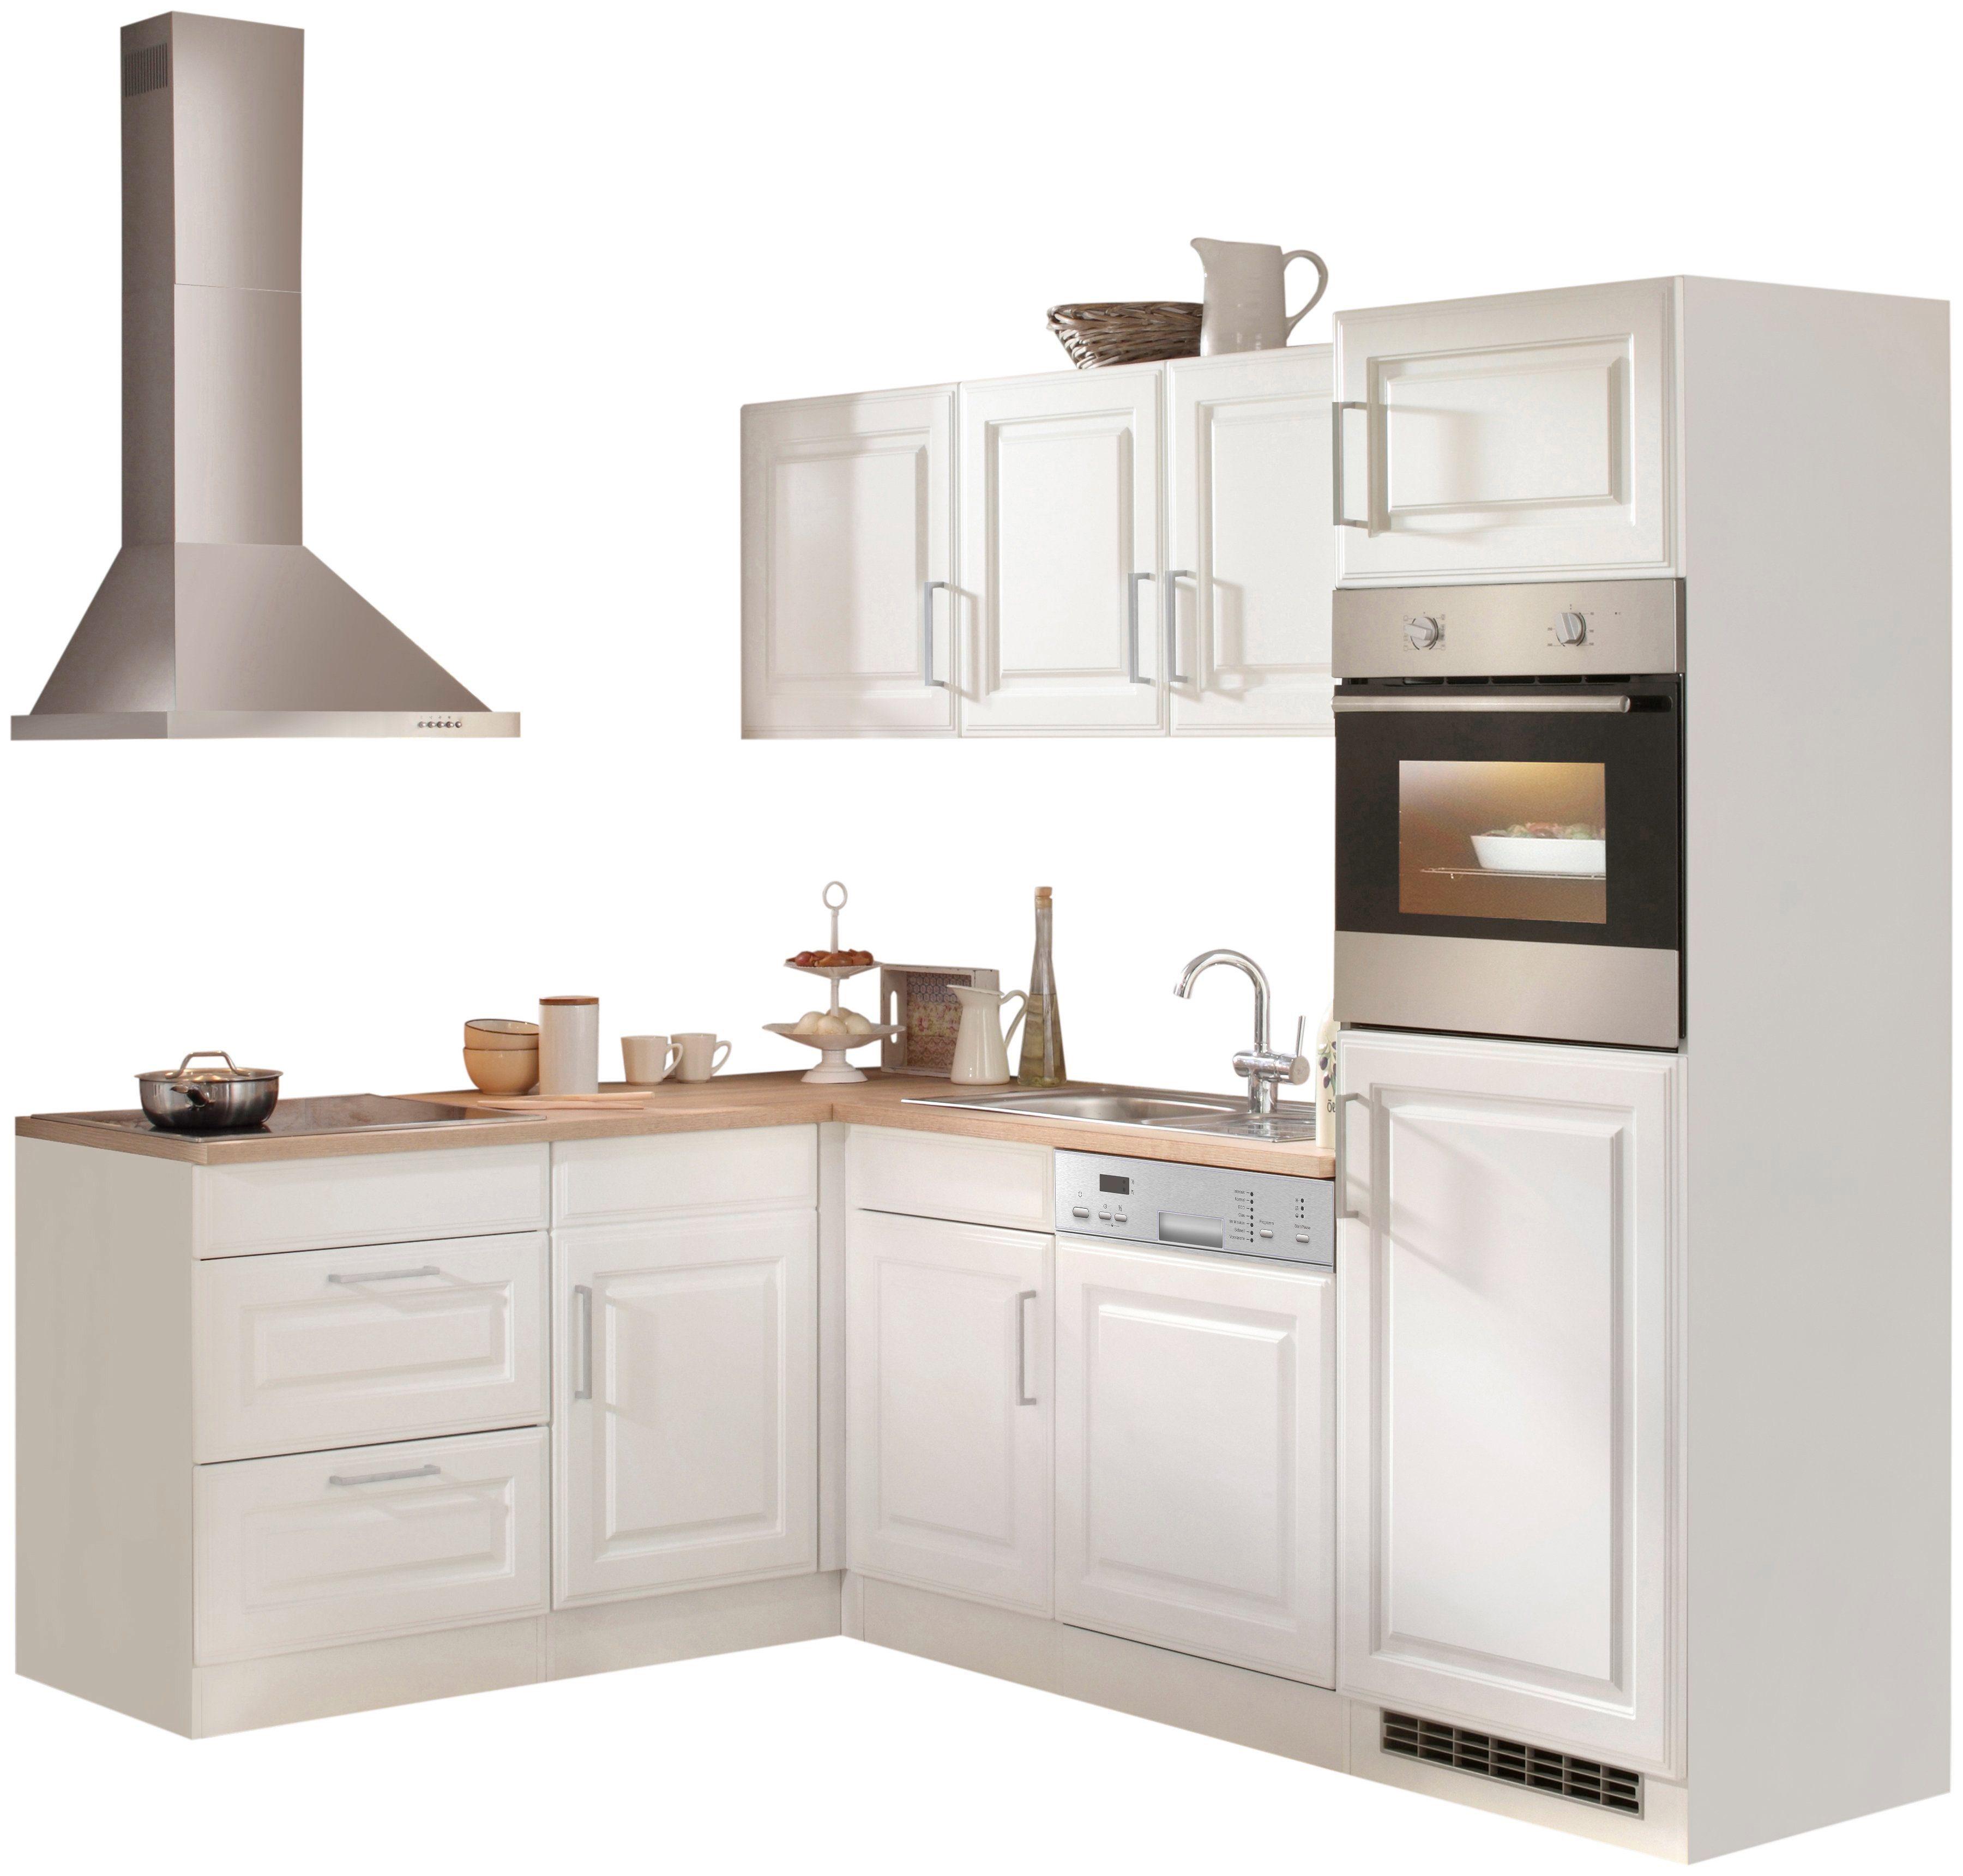 HELD MÖBEL Winkelküche Stockholm, mit E-Geräten, 230 x 170 cm   Küche und Esszimmer > Küchen   Held Möbel